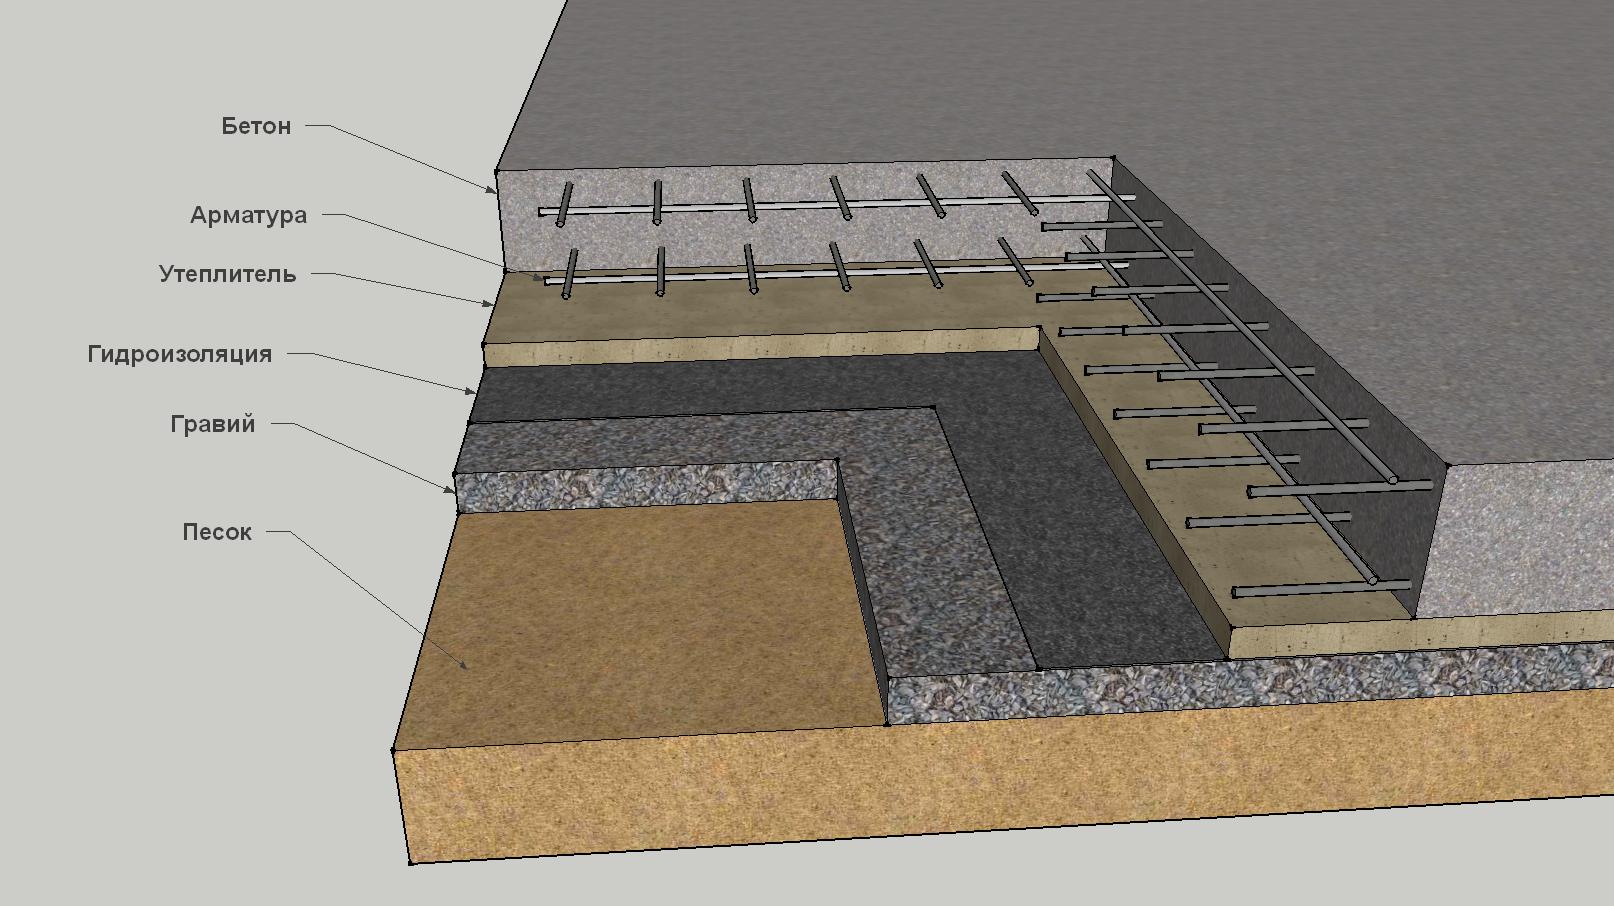 Фундамент на песке — разновидности грунта и выбор фундамента